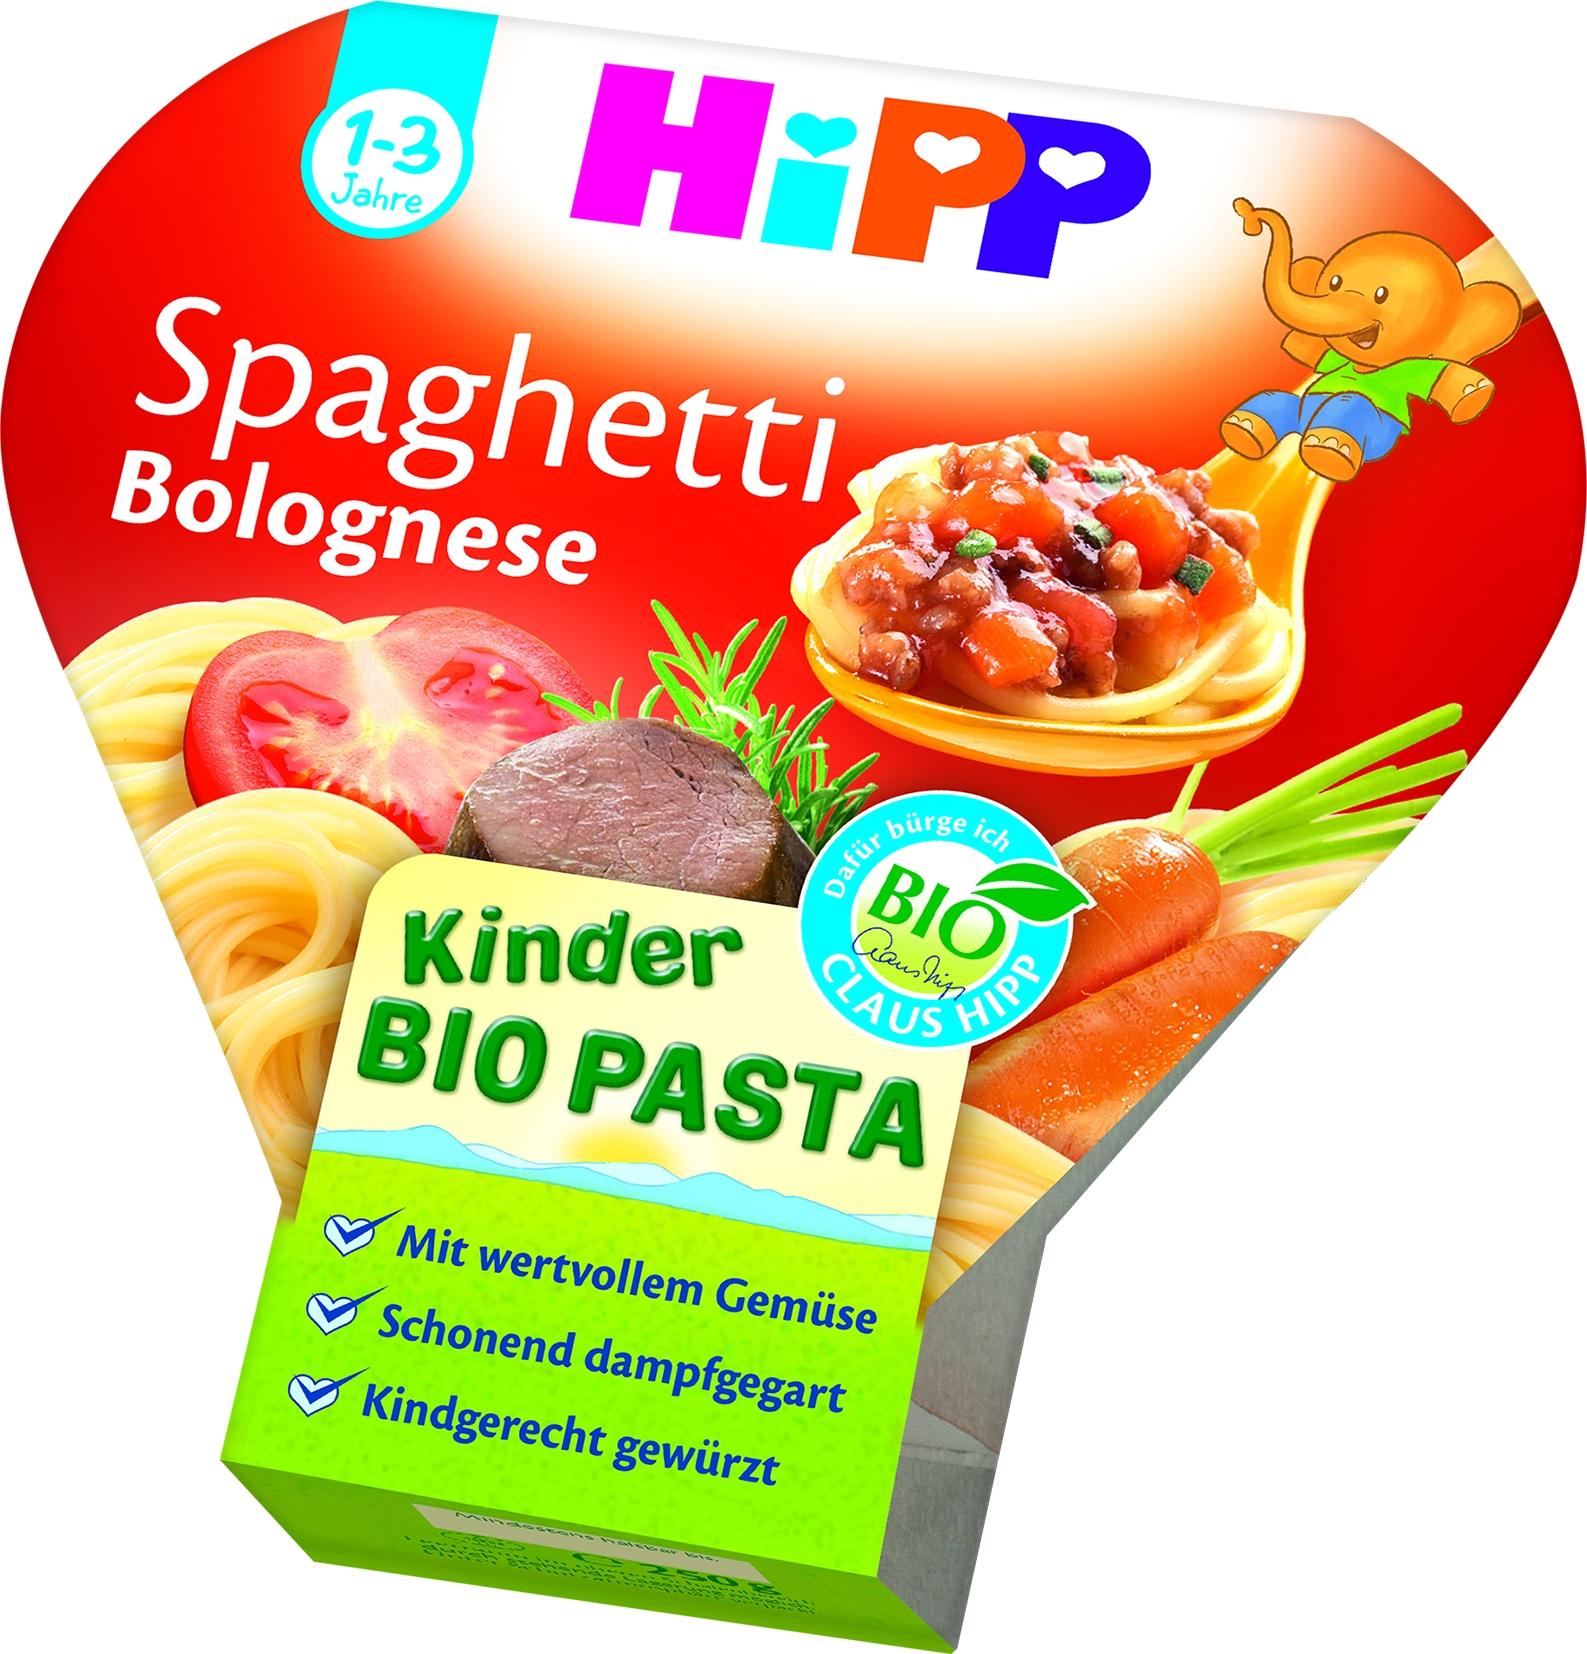 Bio Pasta 8635 Spaghetti Bolognese